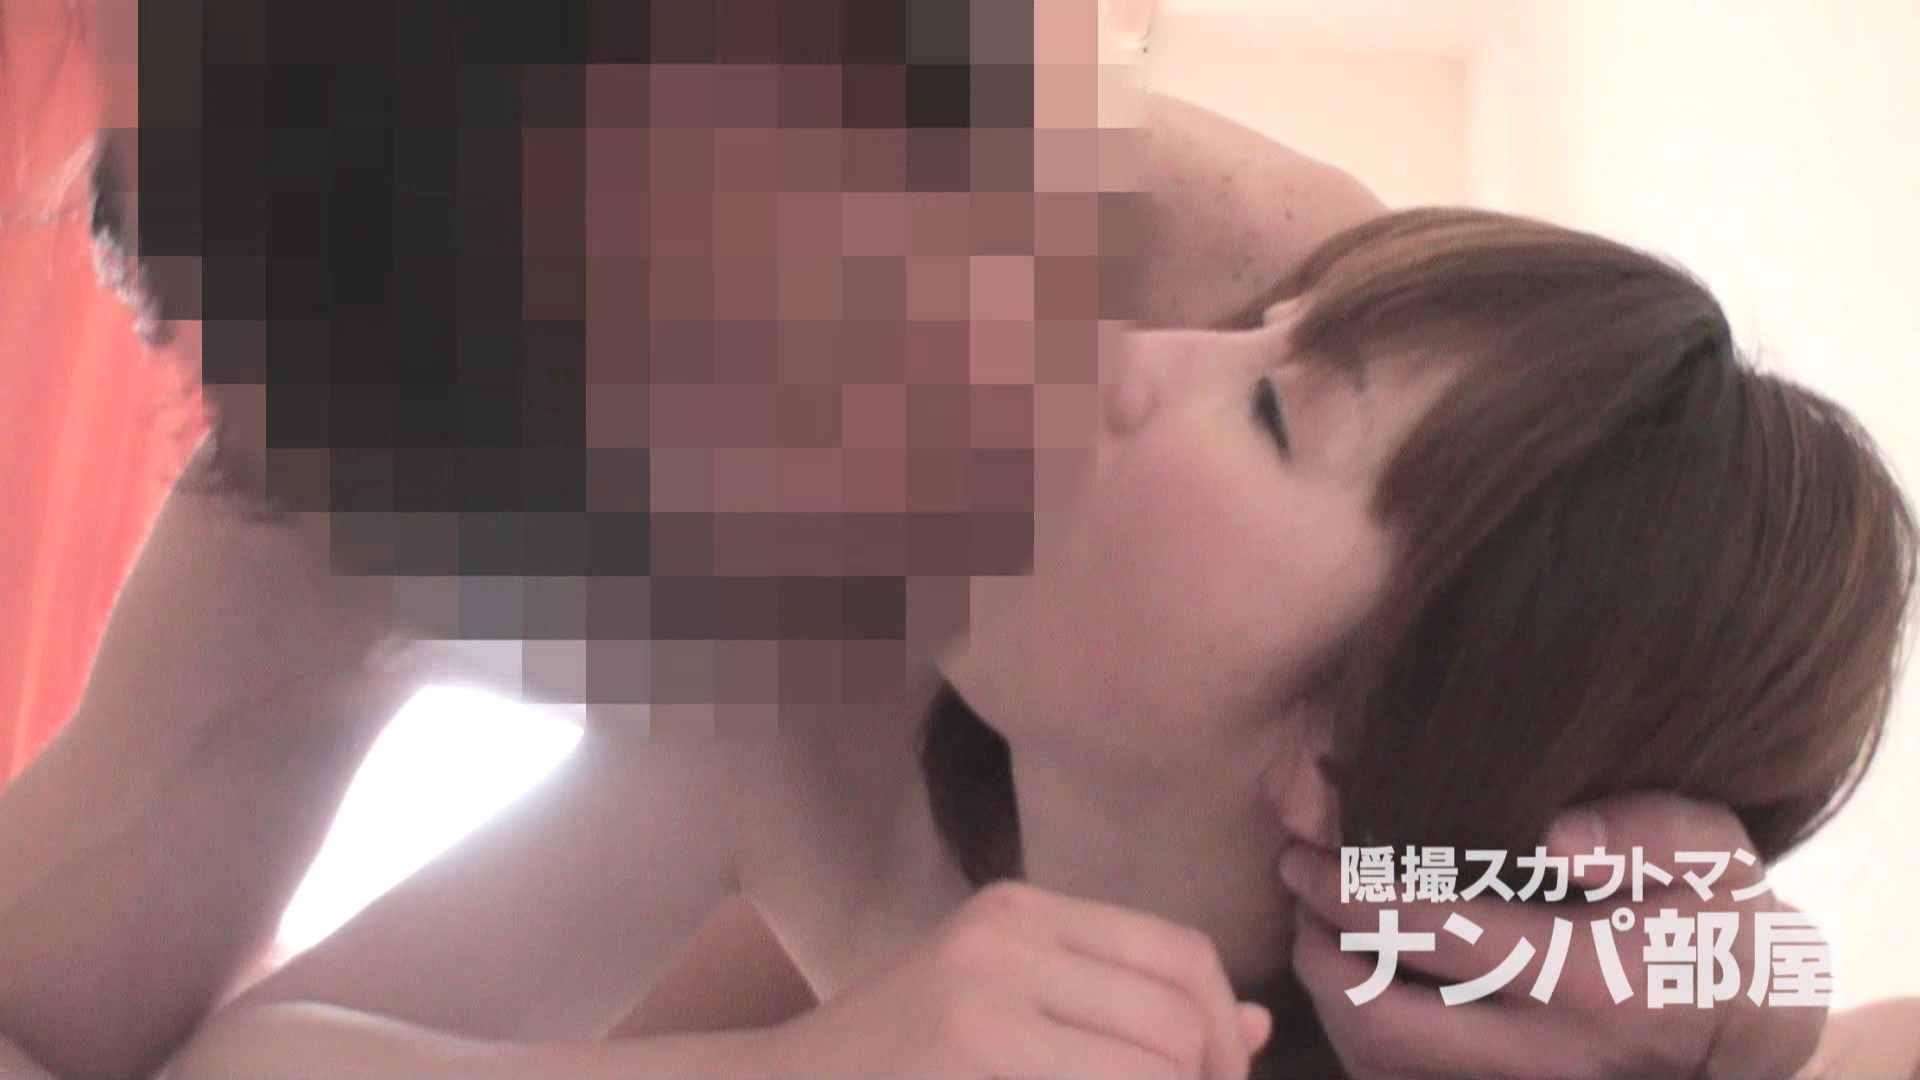 隠撮スカウトマンのナンパ部屋~風俗デビュー前のつまみ食い~ siivol.4 OLのエッチ 盗撮画像 91pic 72